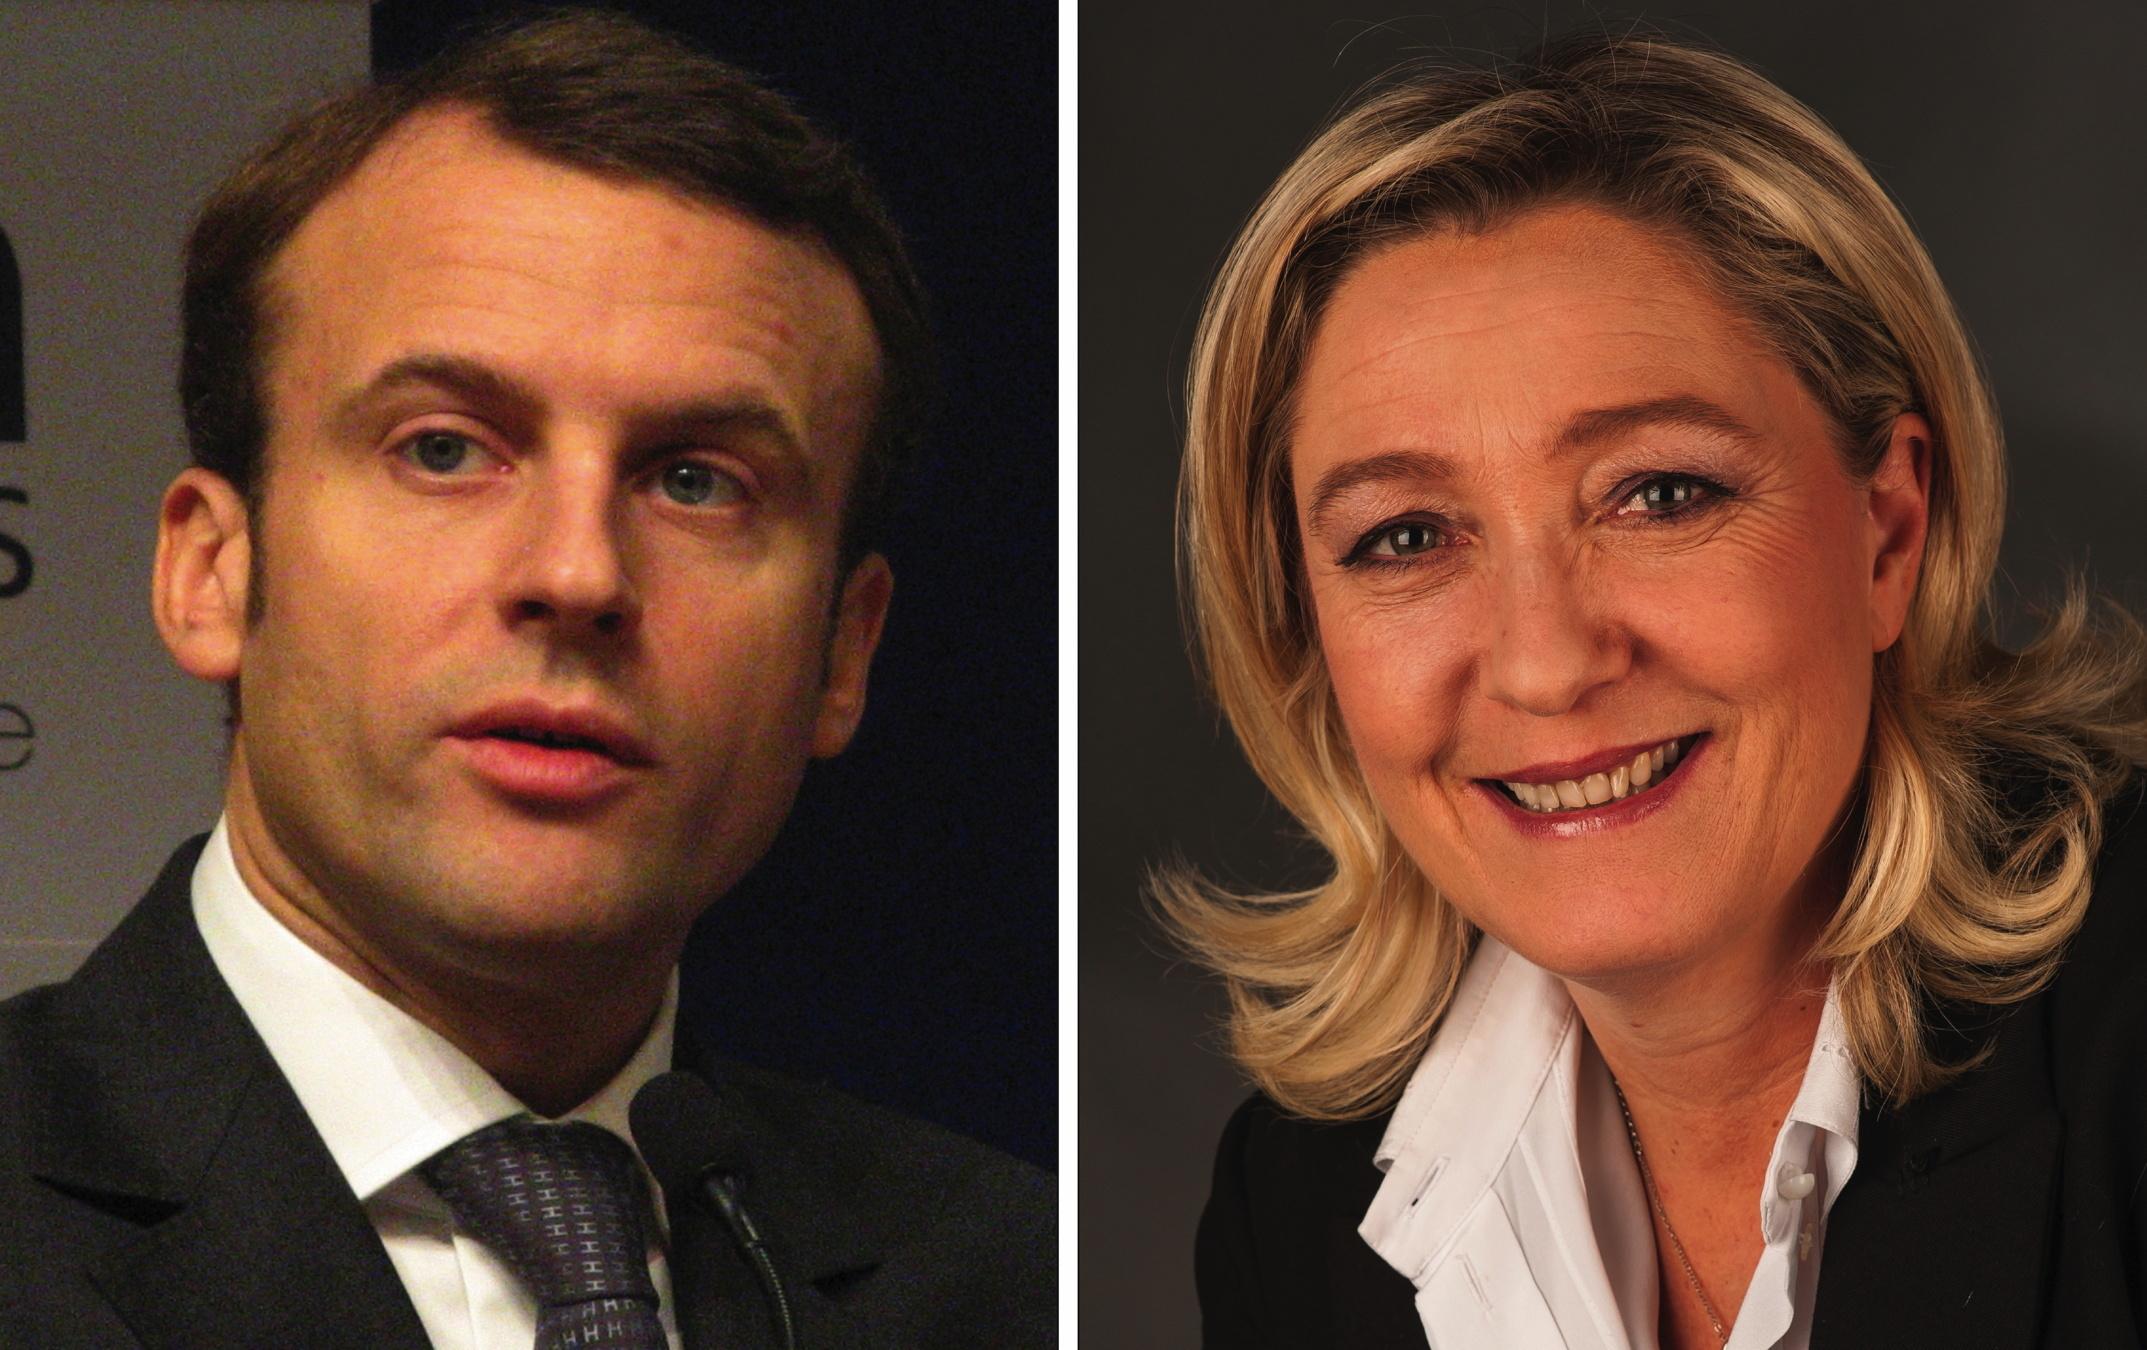 Polska straciła we Francji ogromny kapitał zaufania